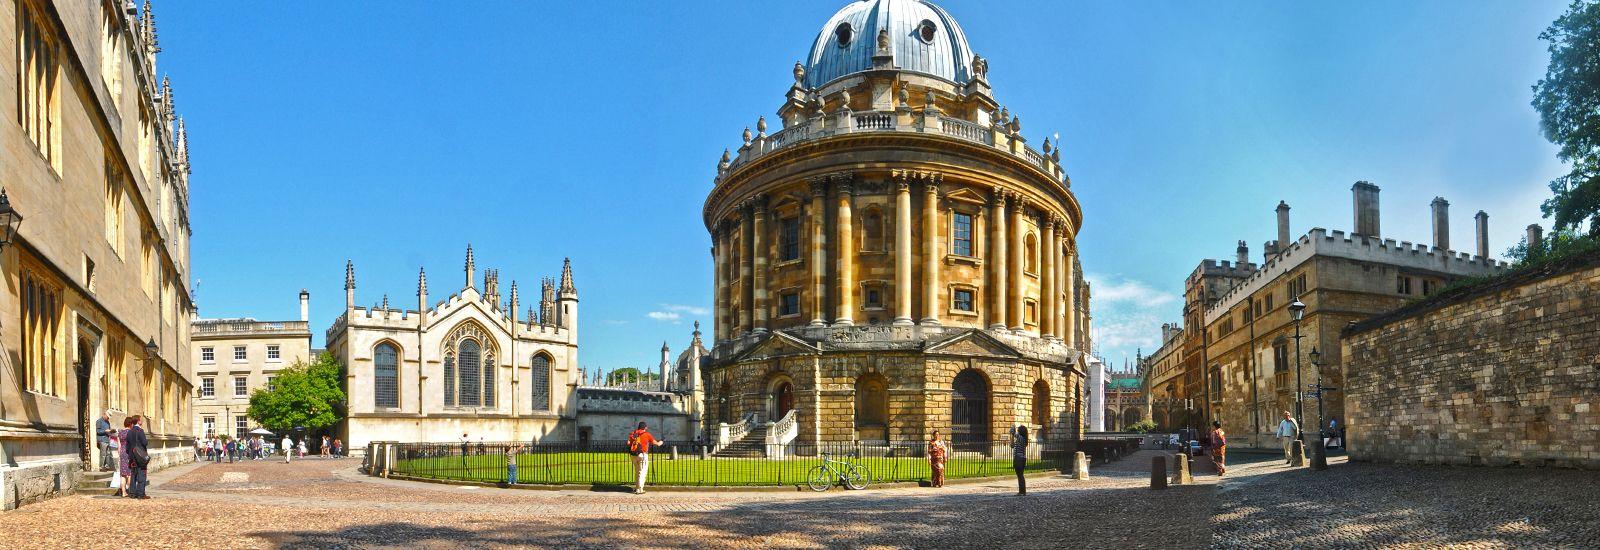 رشته حقوق در انگلستان-برترین دانشگاه های ارائه دهنده رشته حقوق در انگلستان